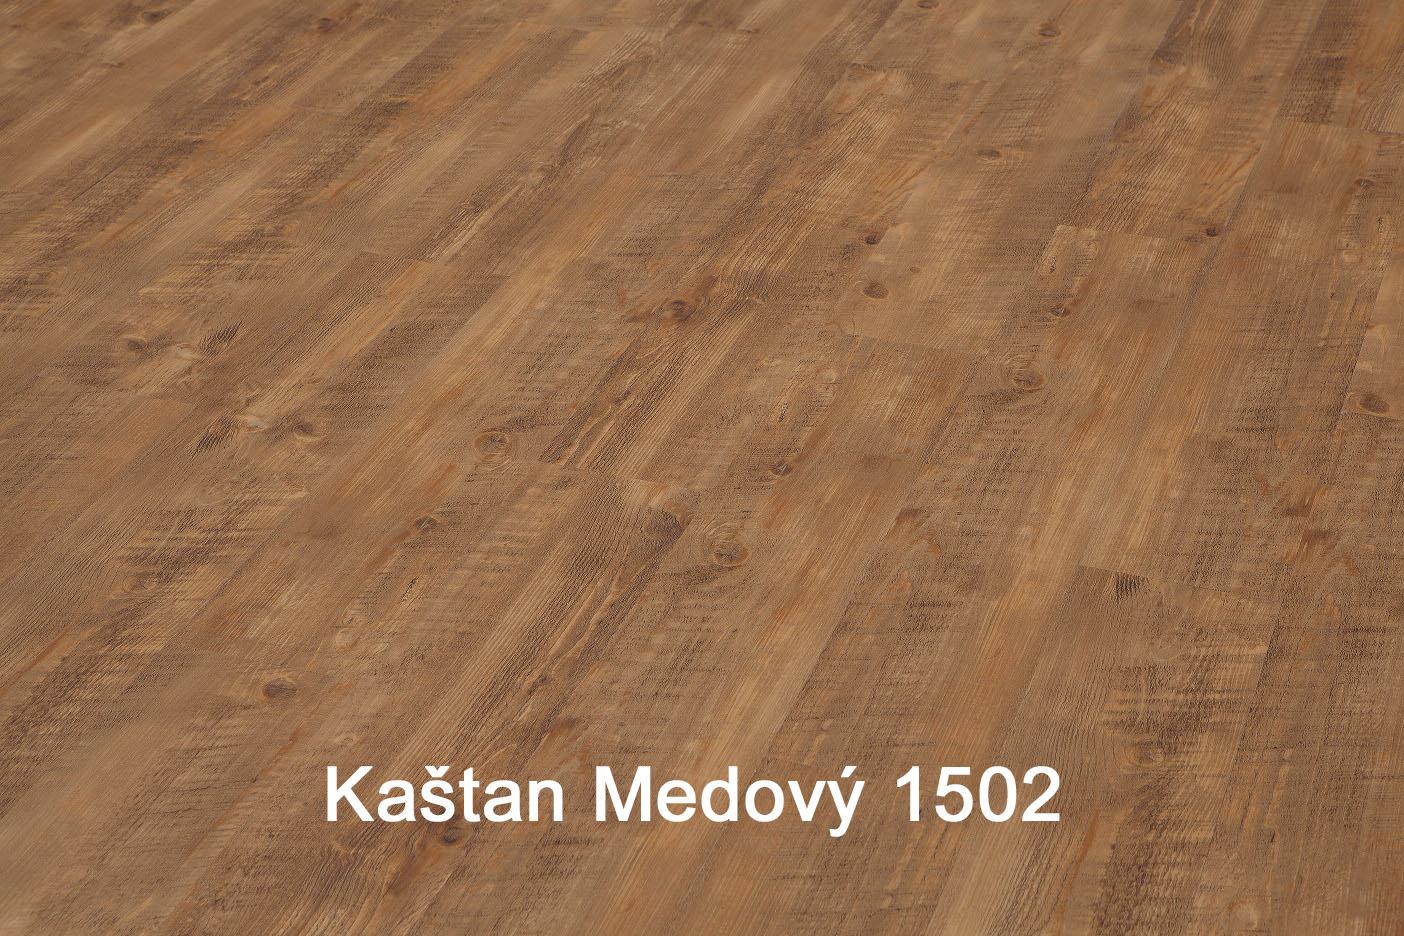 Kastan Medovy